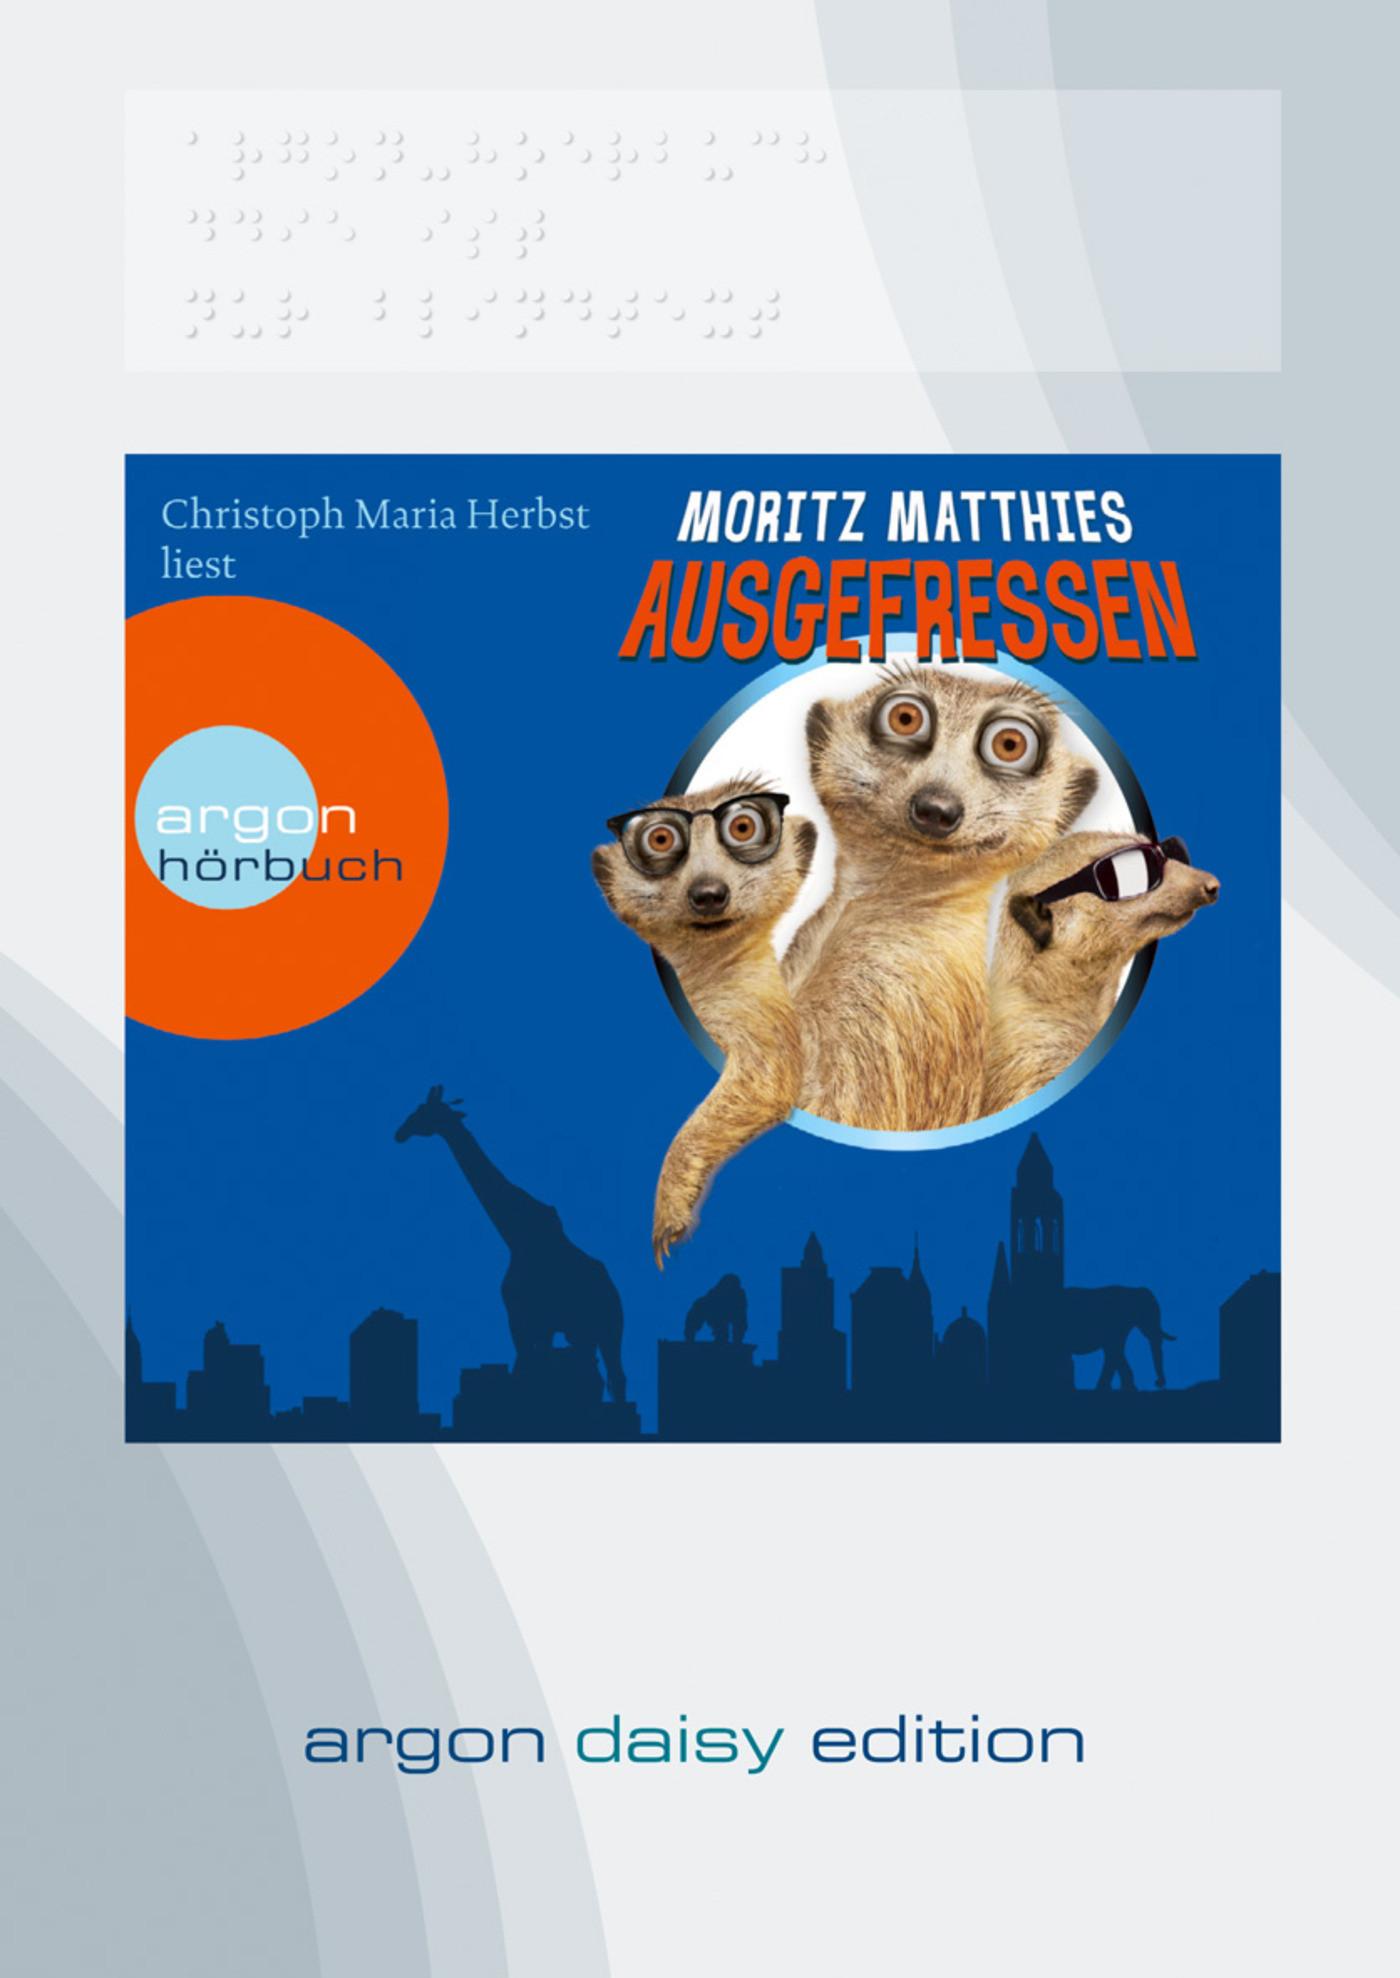 Moritz Matthies - Ausgefressen (DAISY Edition)